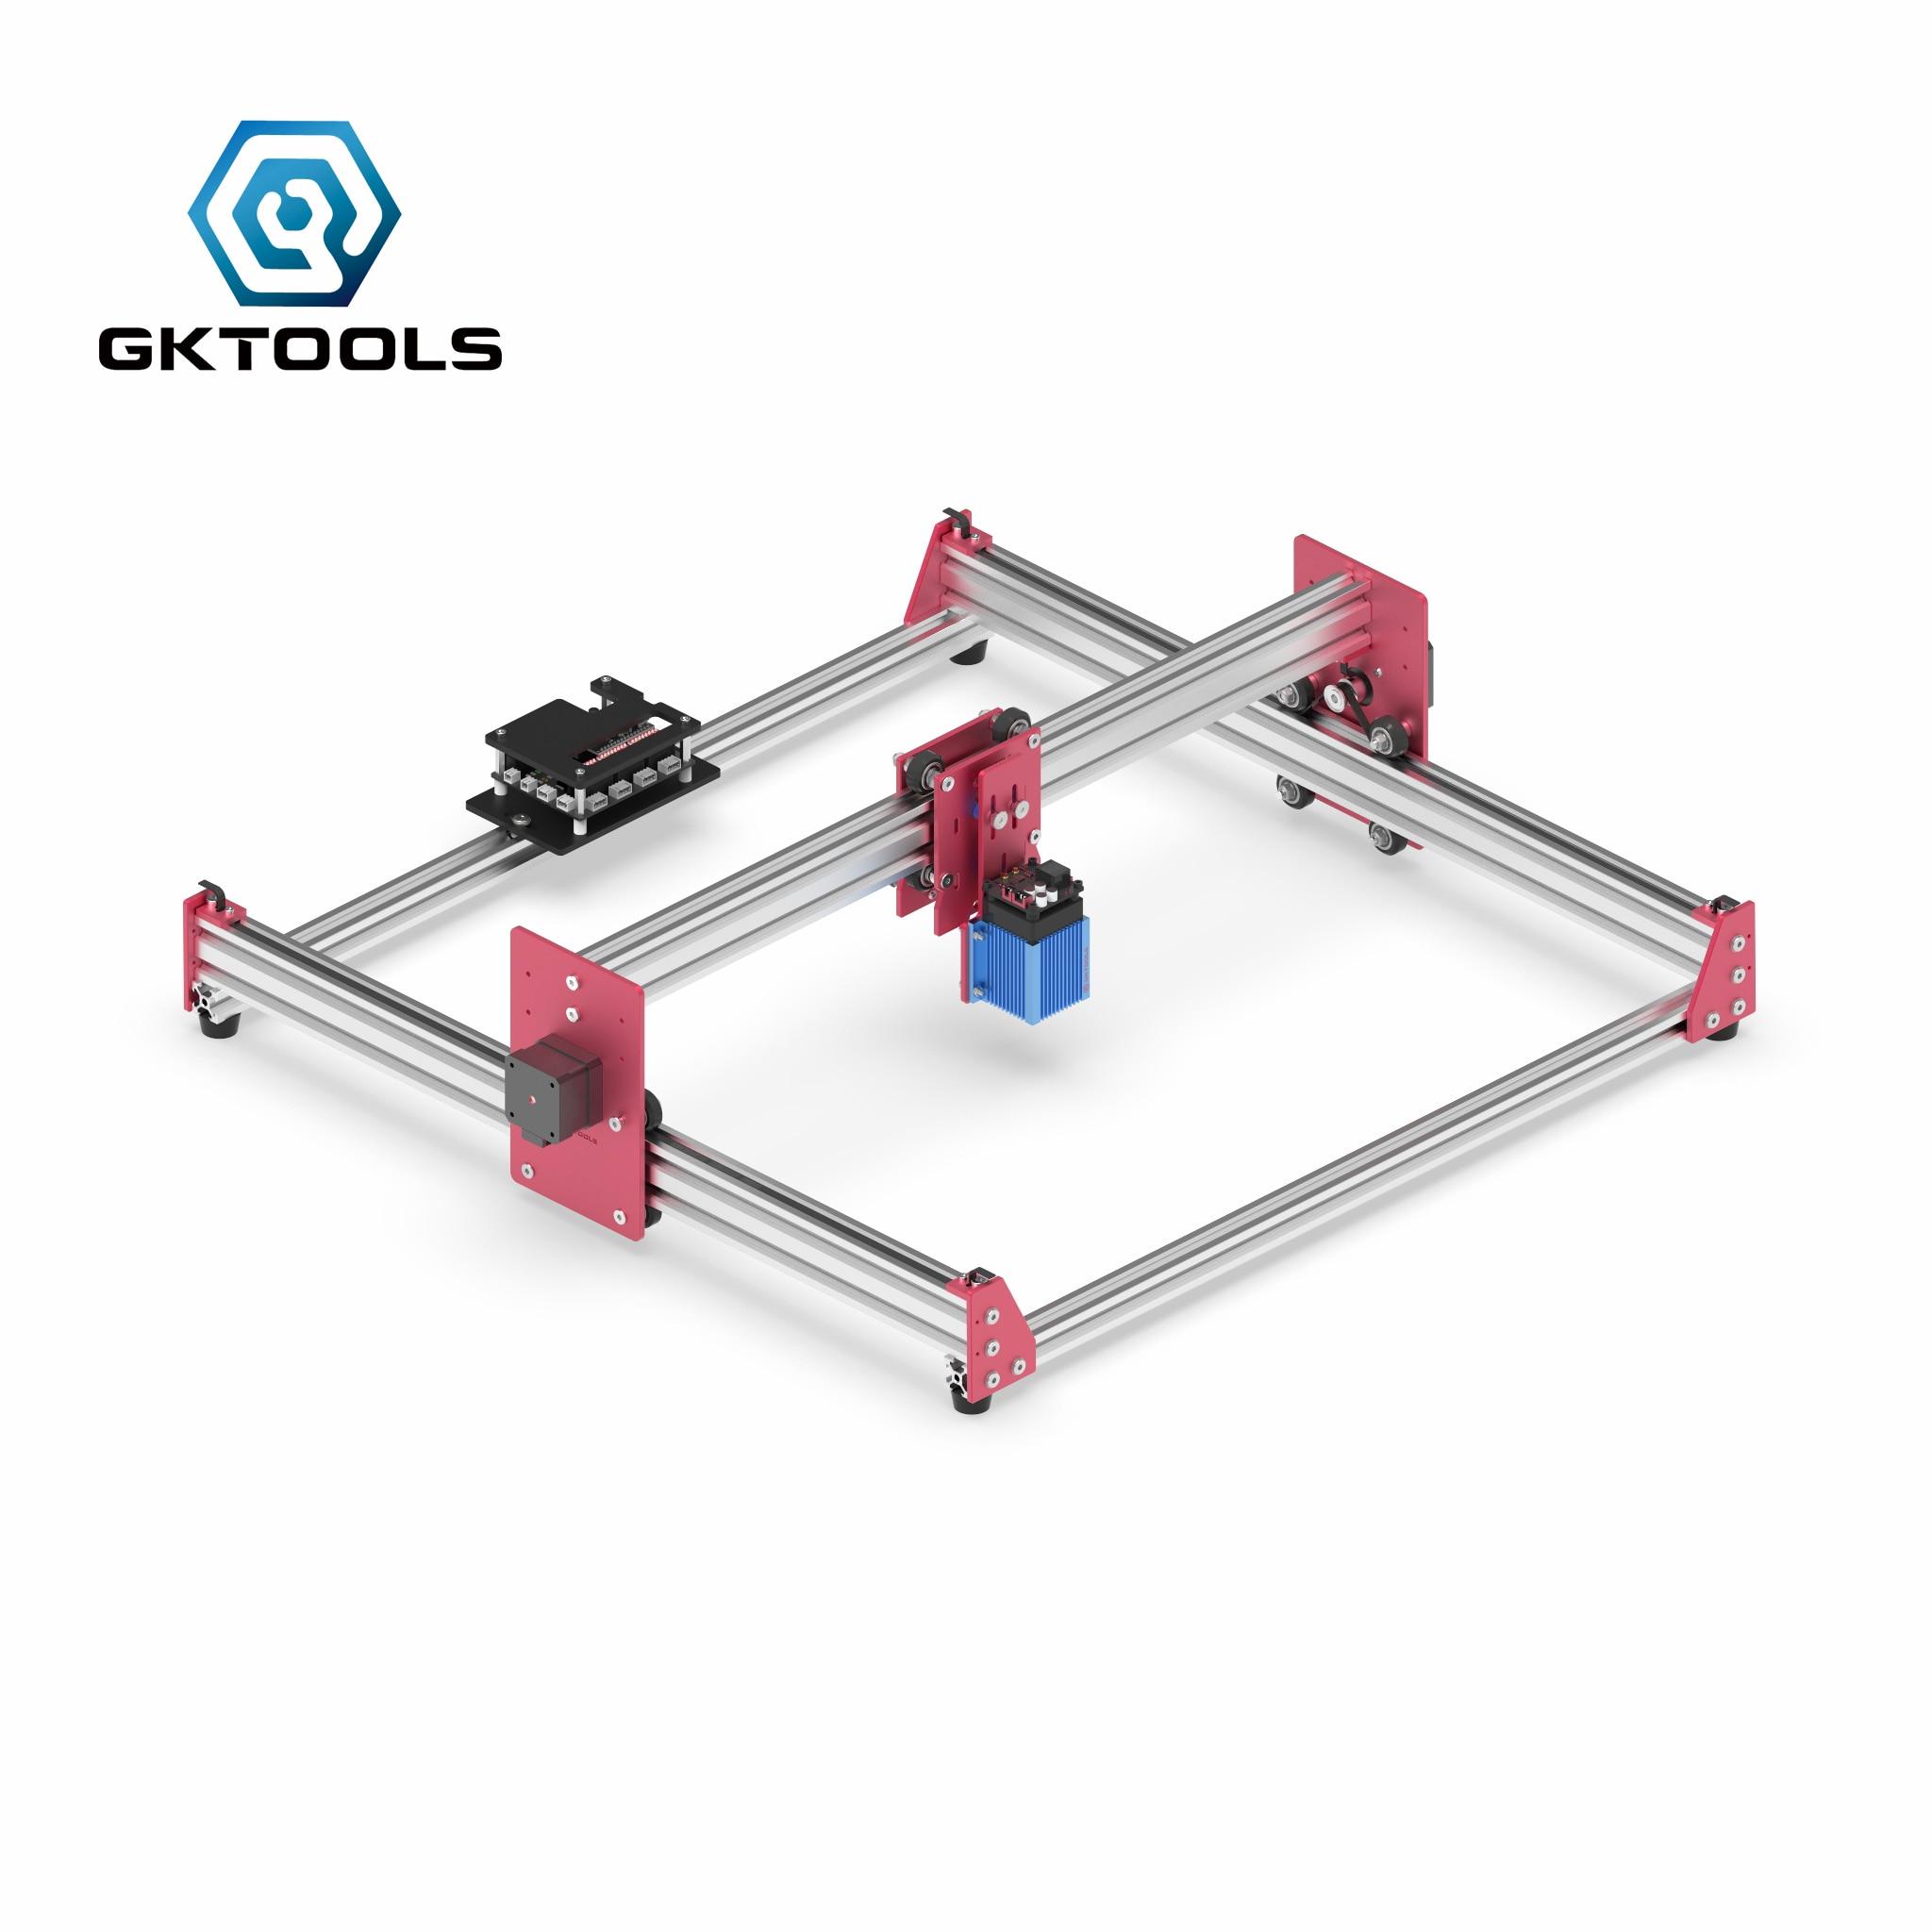 Gktools 45*45cm todo o metal diy hobby mini cnc 7500 mw de madeira cortador gravador a laser máquina gravura pwm, benbox grbl eleksmaker